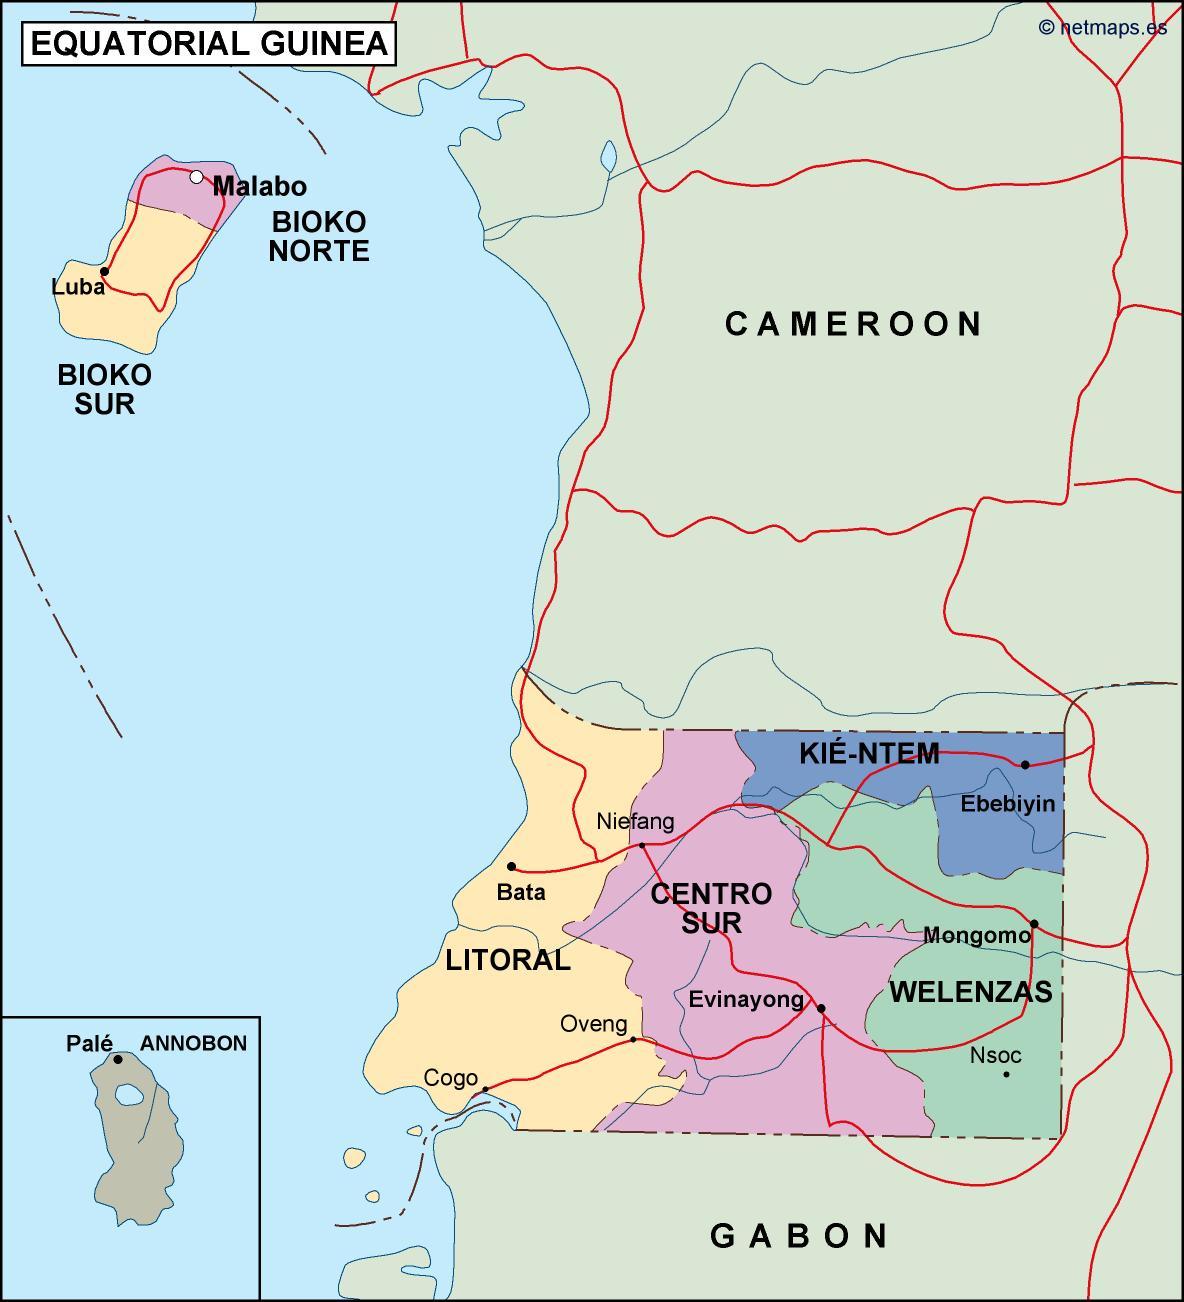 equatorial guinea political map